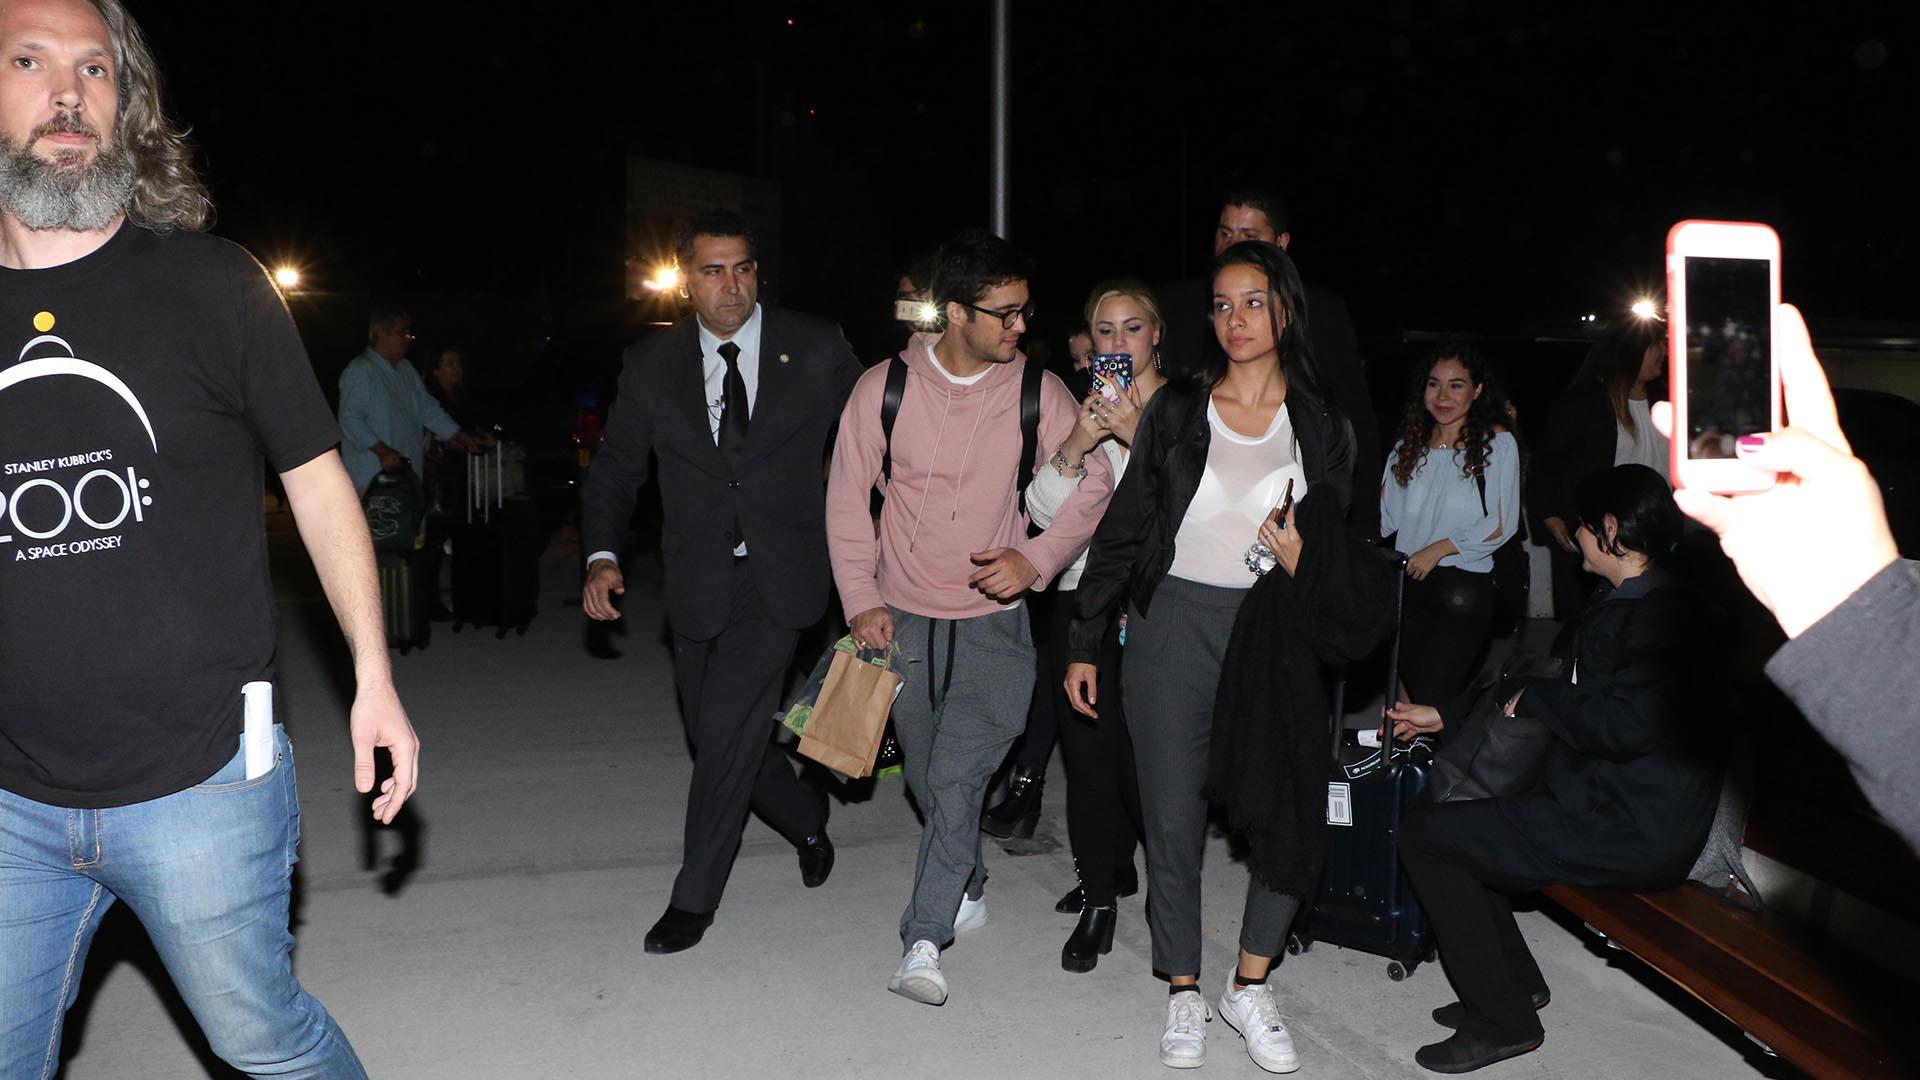 El actor llegó con custodia y accedió a fotografiarse con sus fanáticas (Matias Souto)